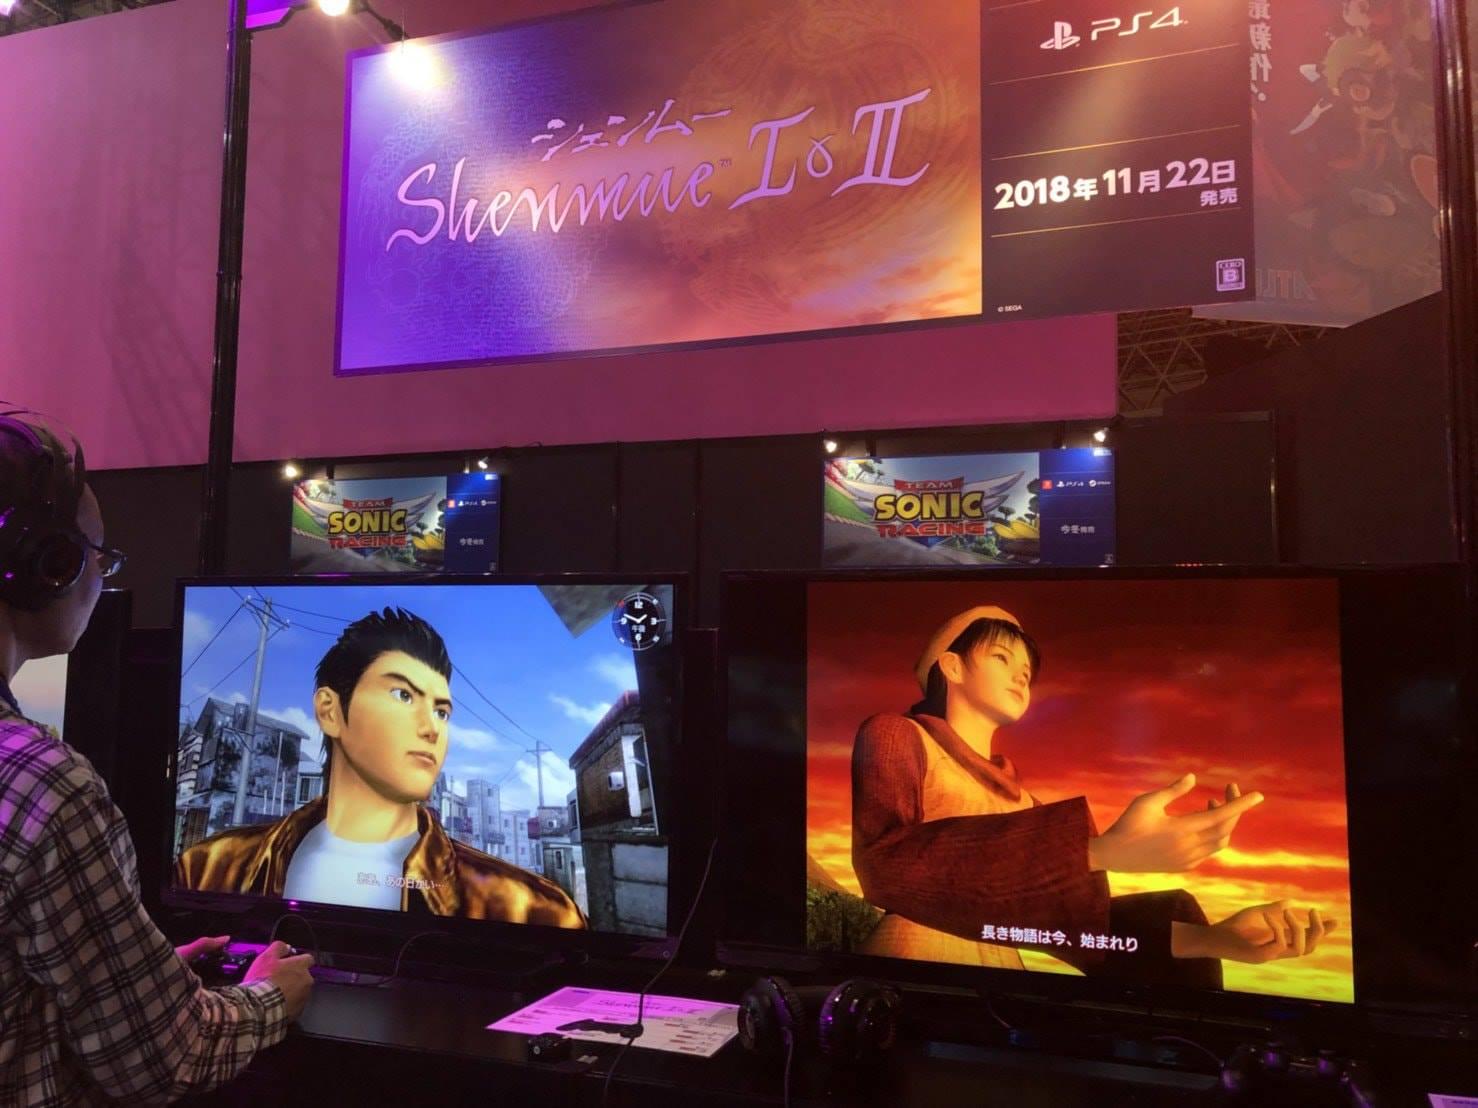 Shenmue 1&2 presenti al Tokyo Game Show